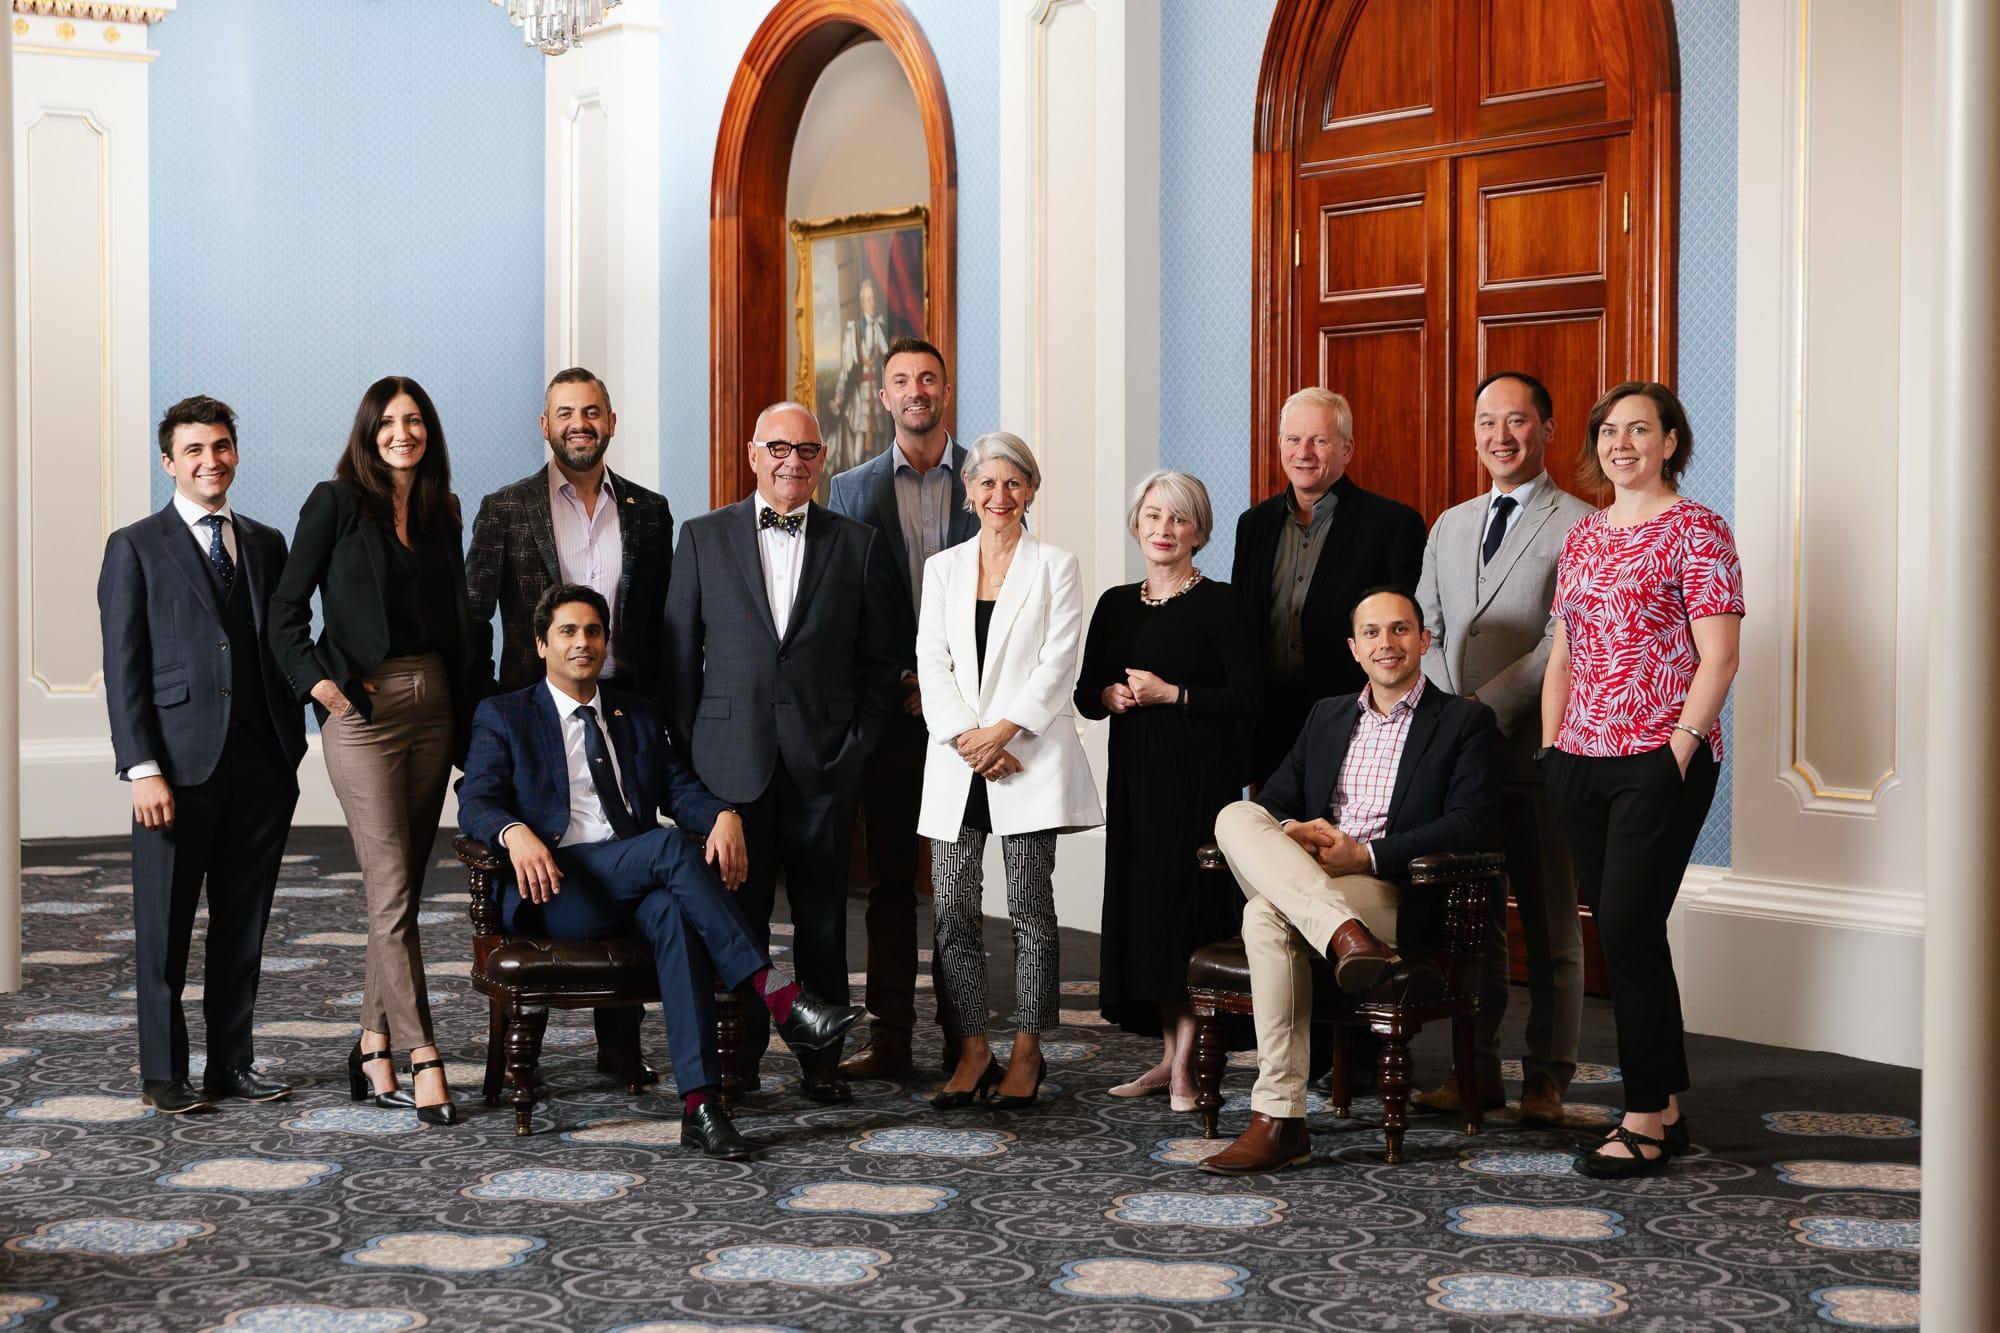 Smaller adelaide councillors